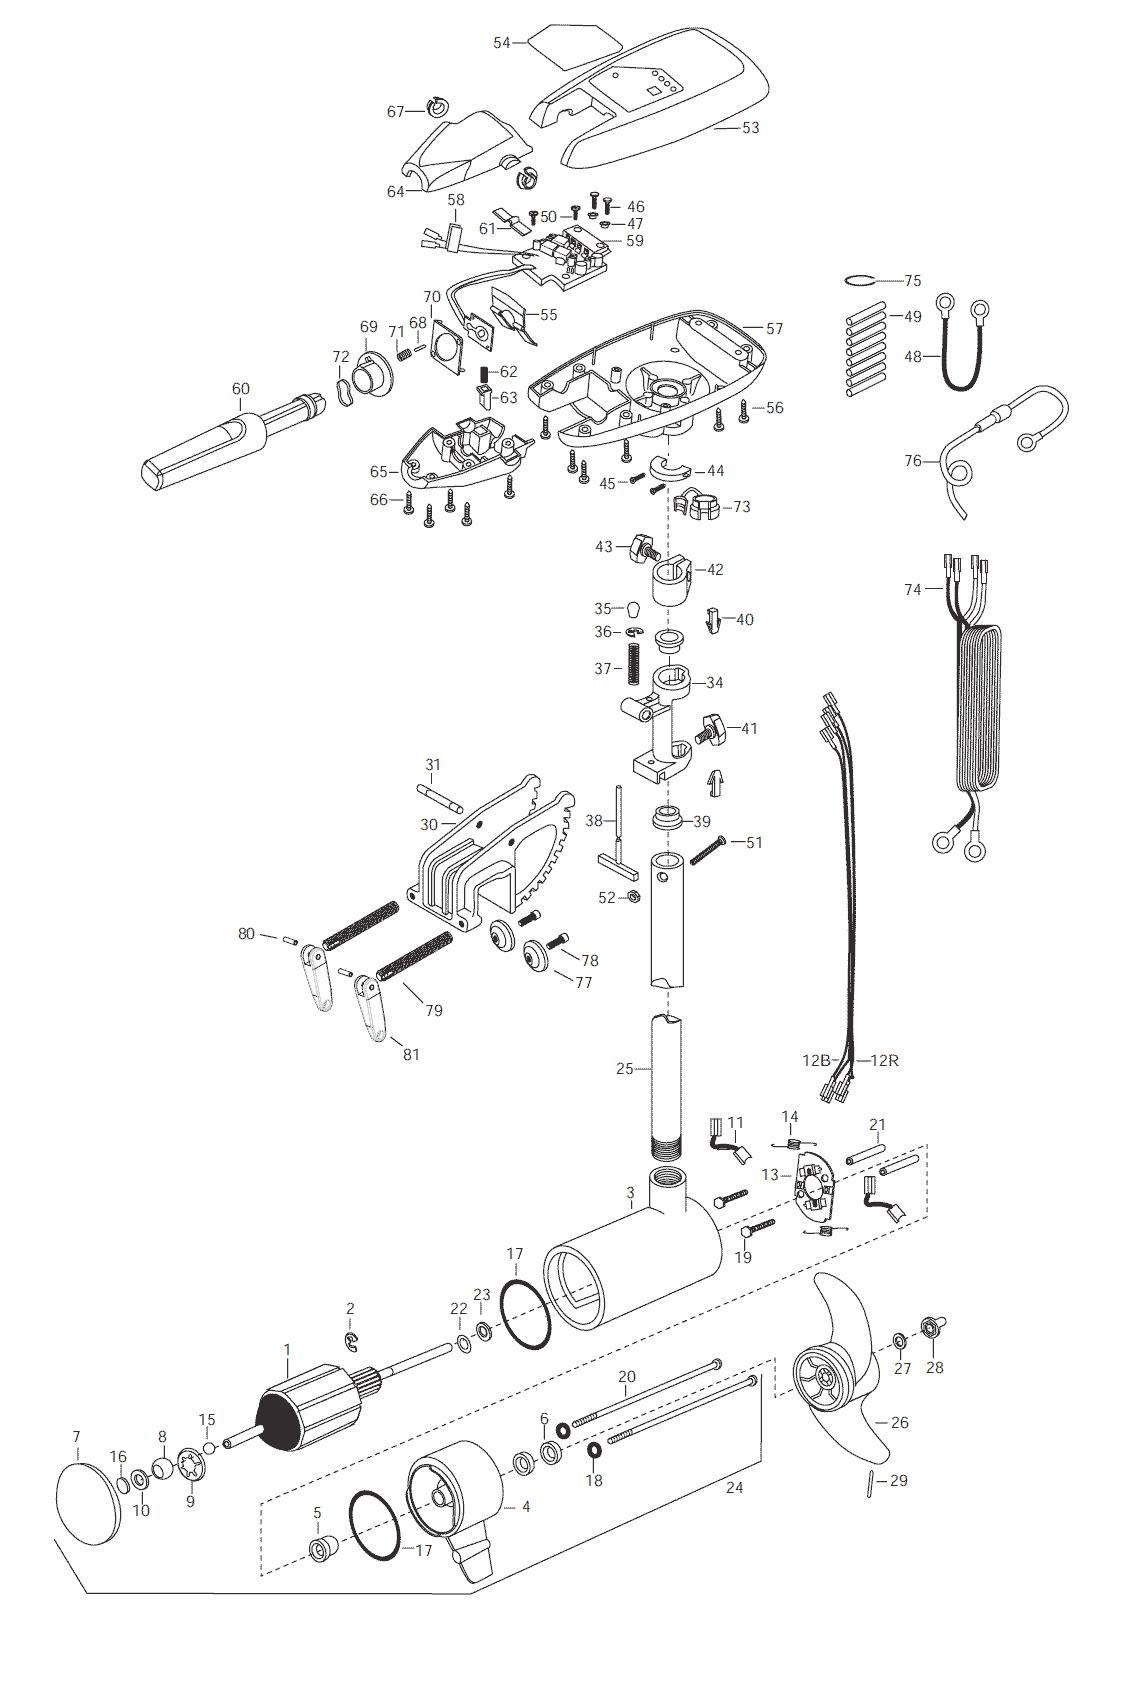 Minn Kota Riptide 74 S Parts